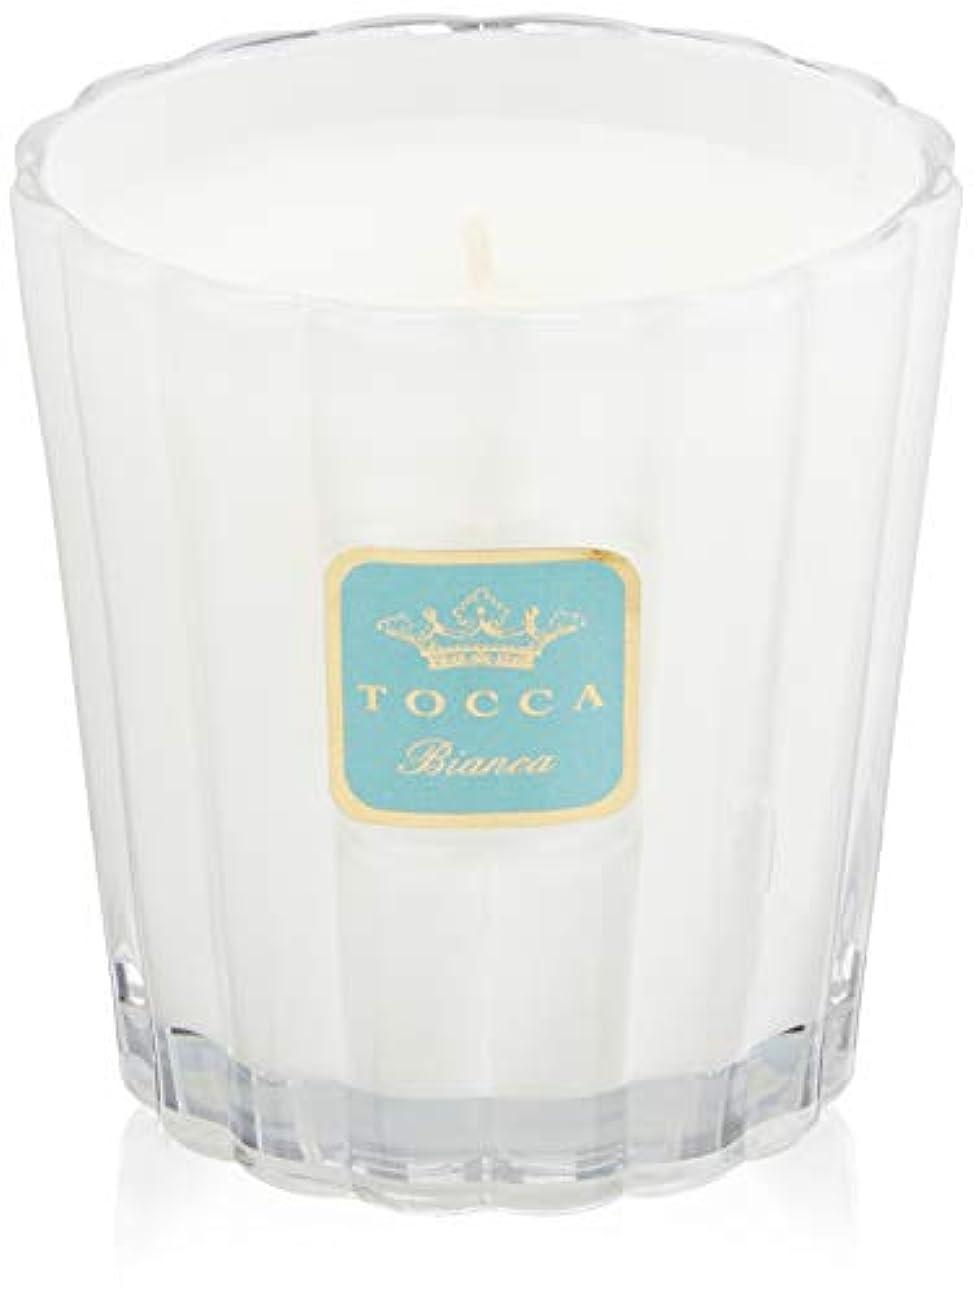 コメントアテンダントカーペットトッカ(TOCCA) キャンドル ビアンカの香り 約287g (ろうそく ほのかに甘さ漂うフレッシュな香り)